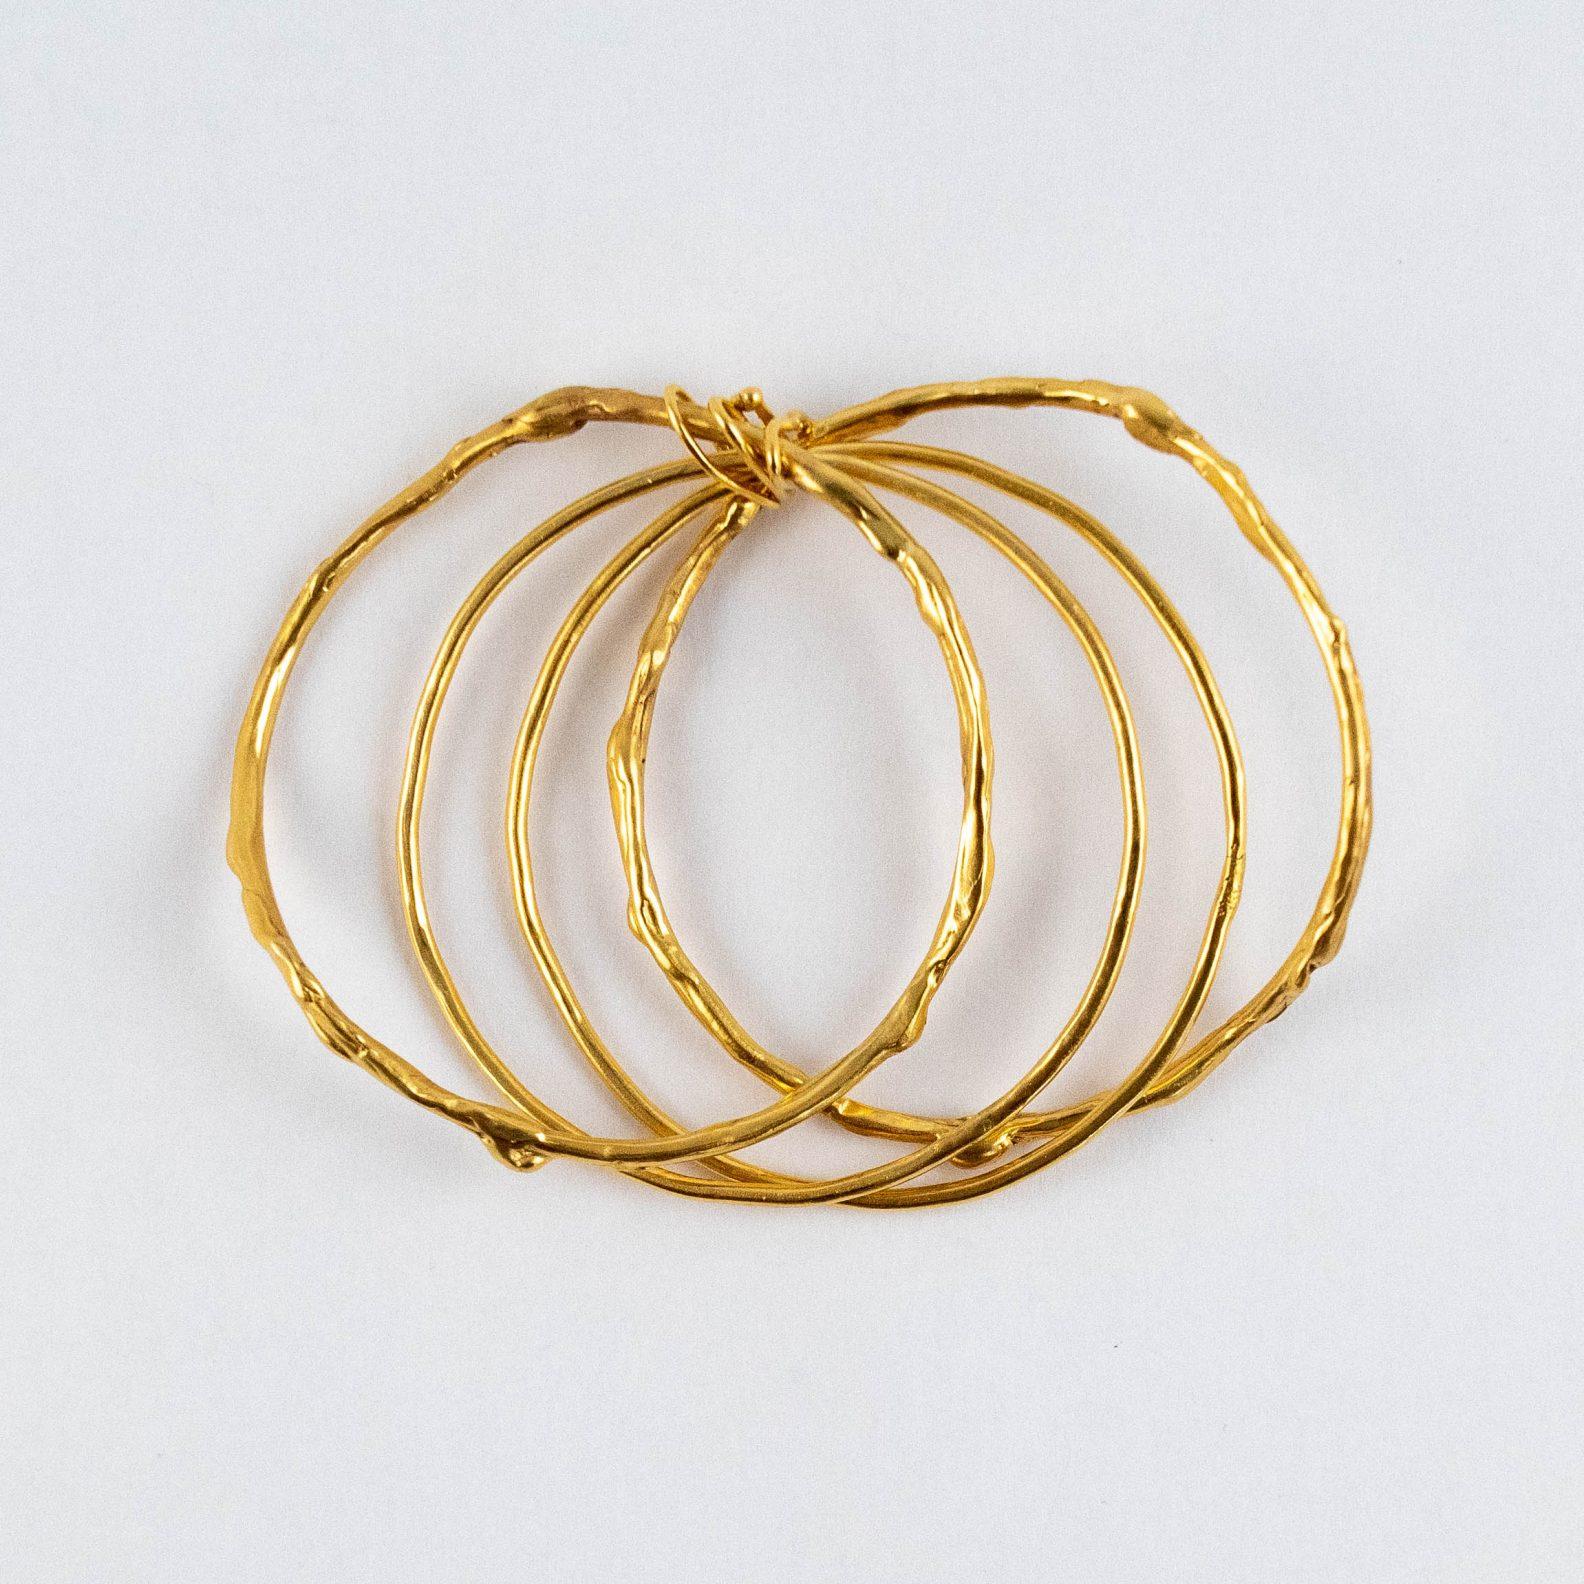 zephyr-bracelet-cuff-multiple-joncs-bronze-plaque-or-gold-plated-mode-ethnique-chic-eco-responsable-bresma-affaires-etrangeres